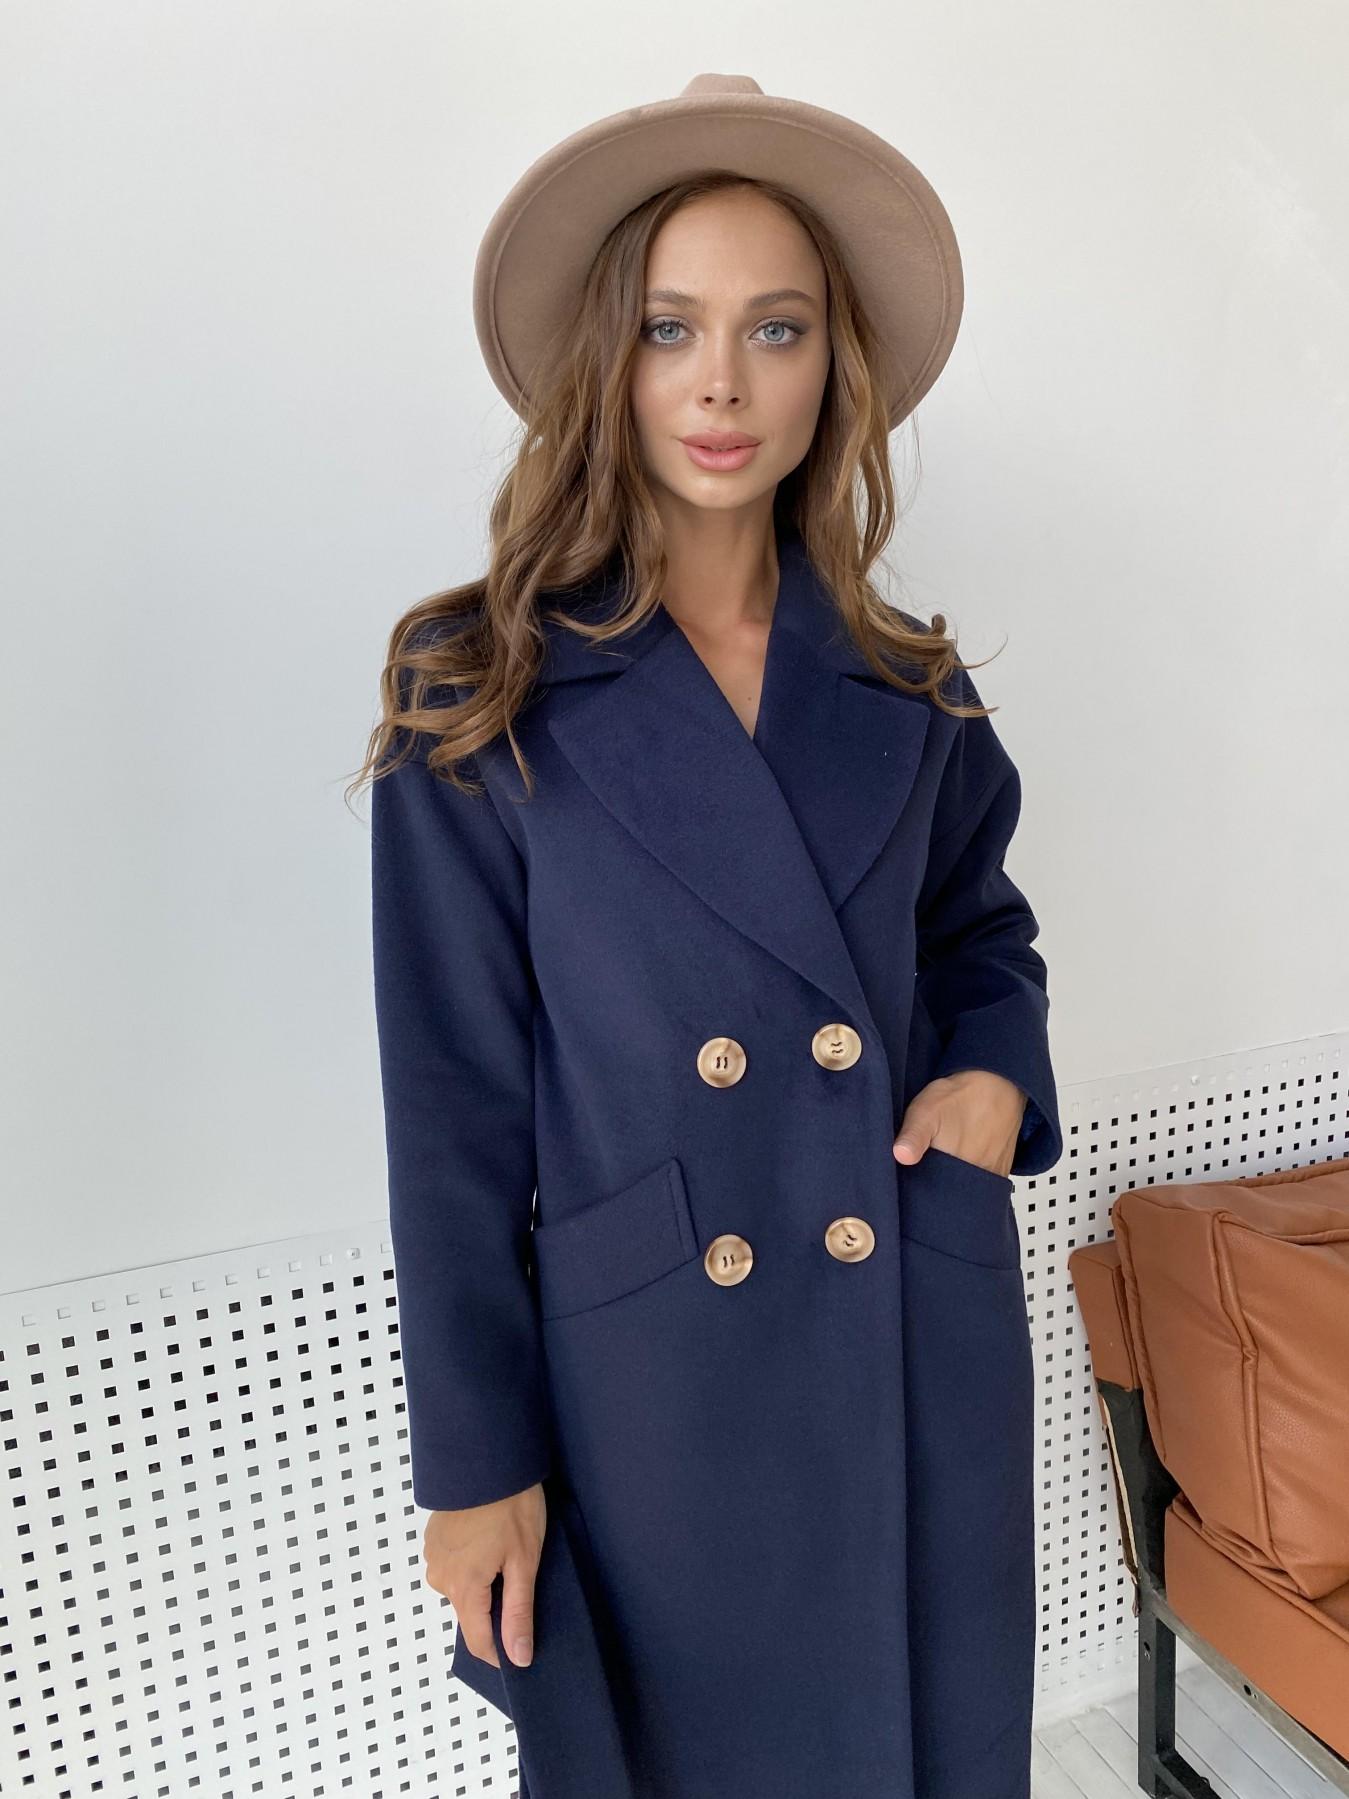 Сенсей пальто макси из кашемира   10309 АРТ. 48360 Цвет: Т.синий - фото 2, интернет магазин tm-modus.ru